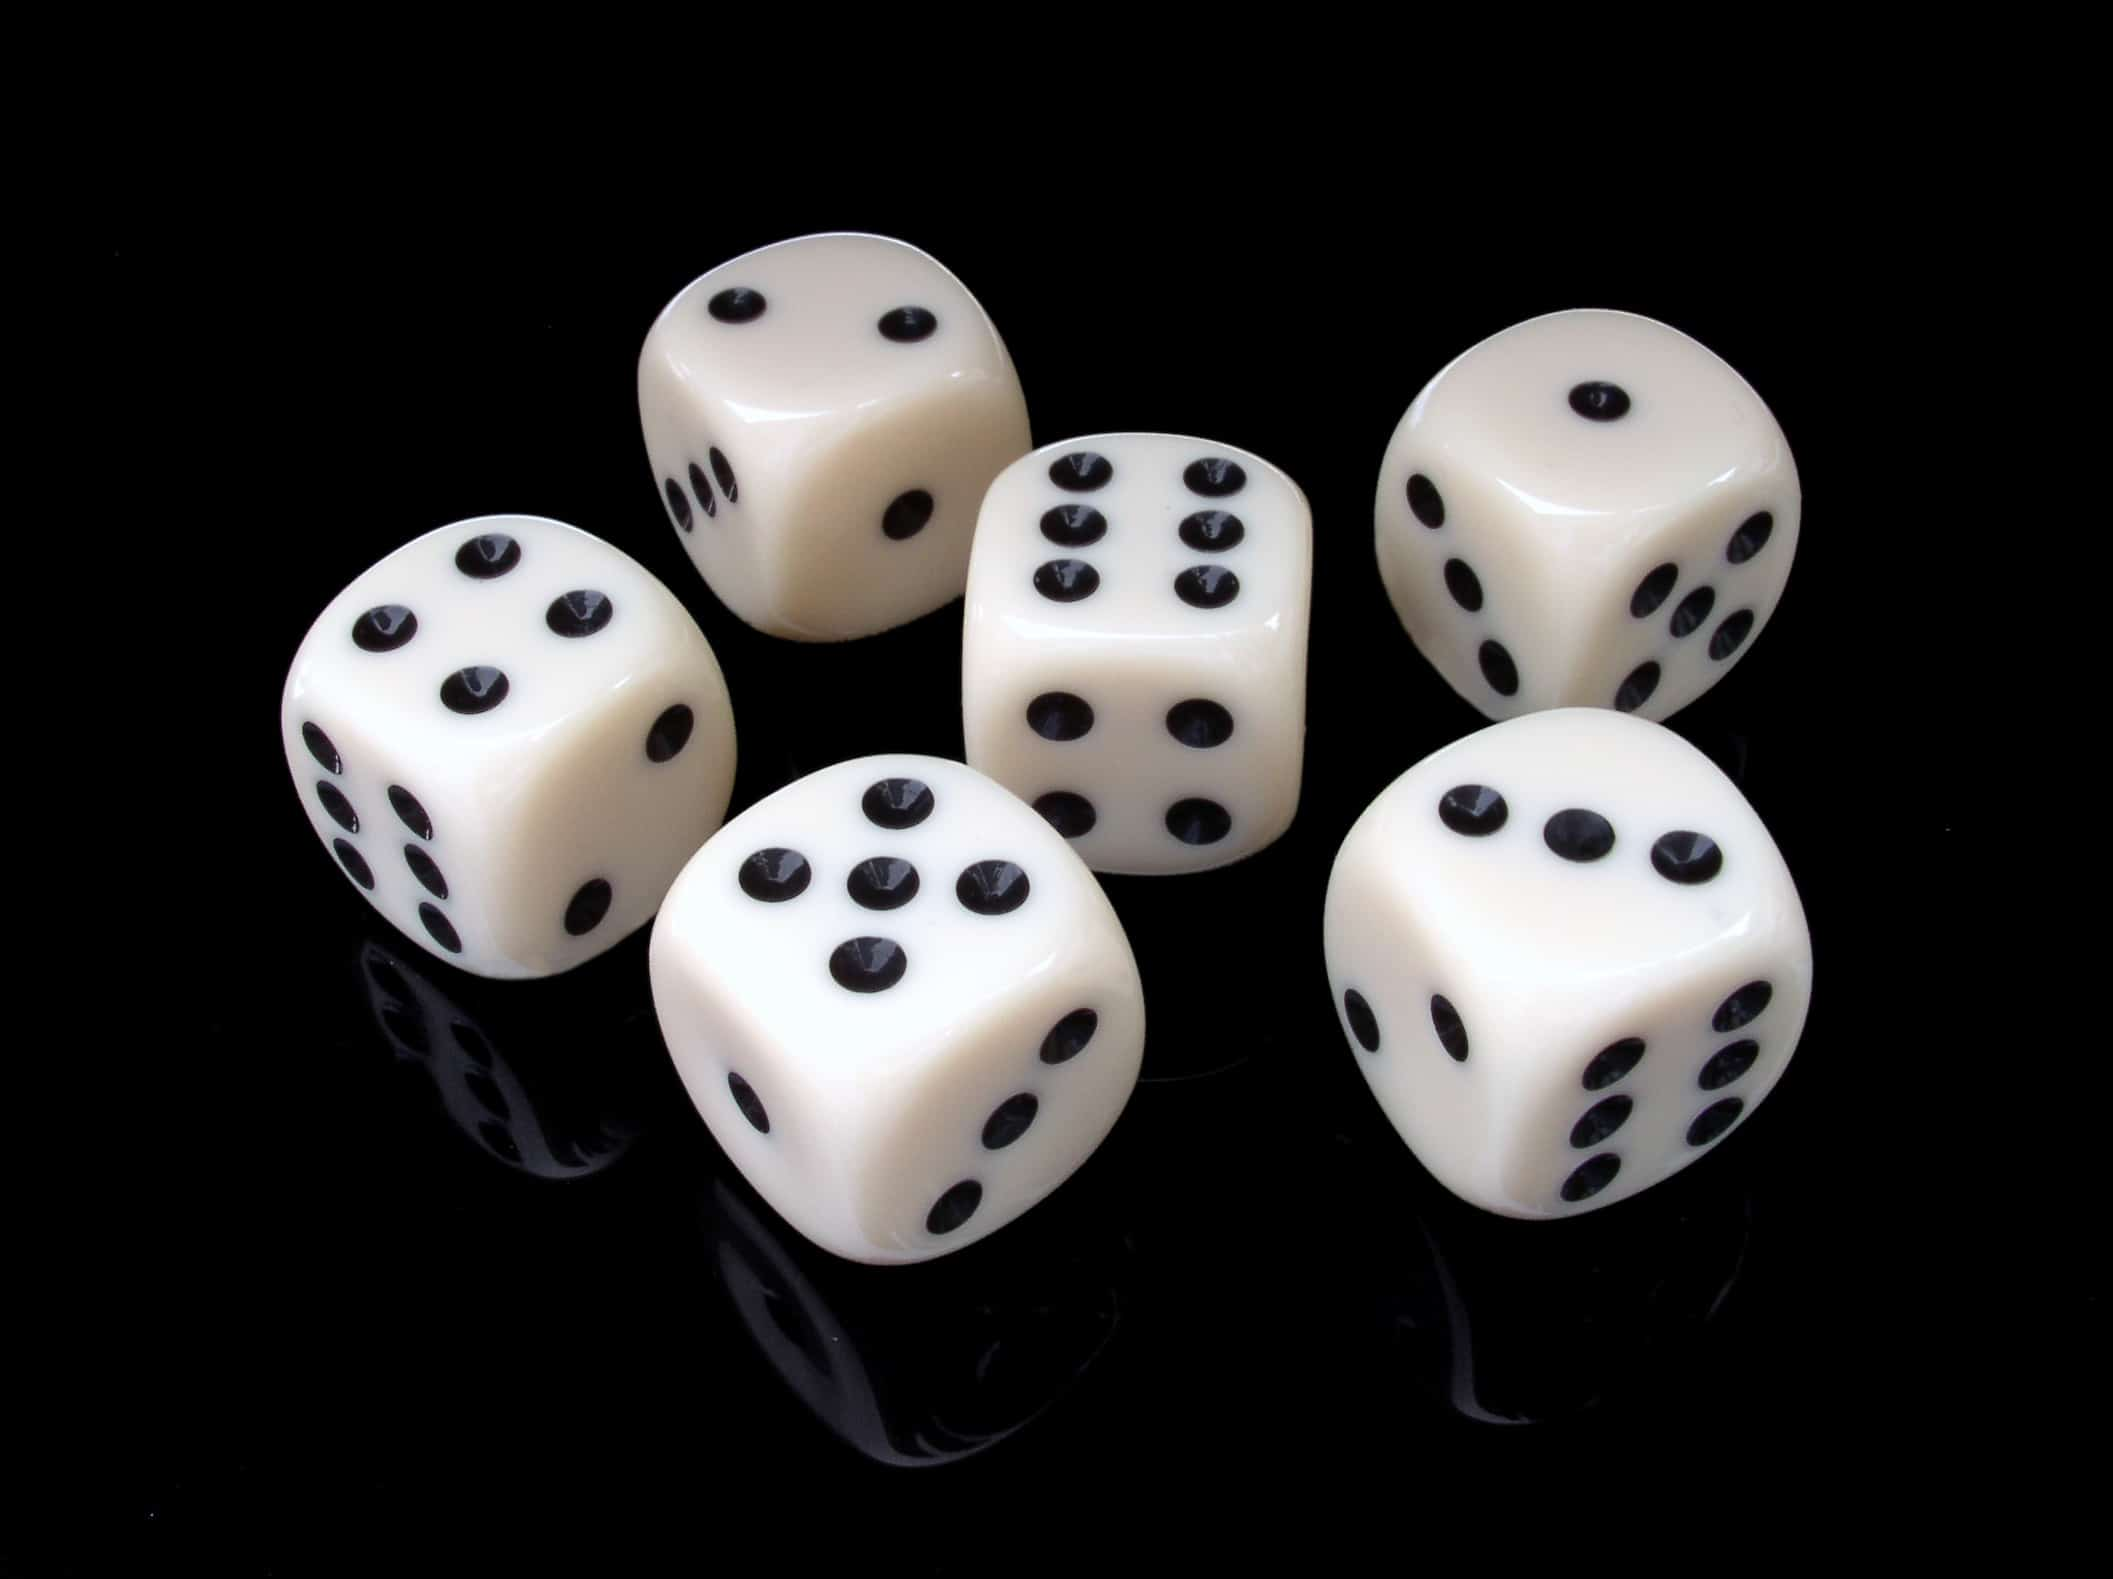 6つの白いサイコロ